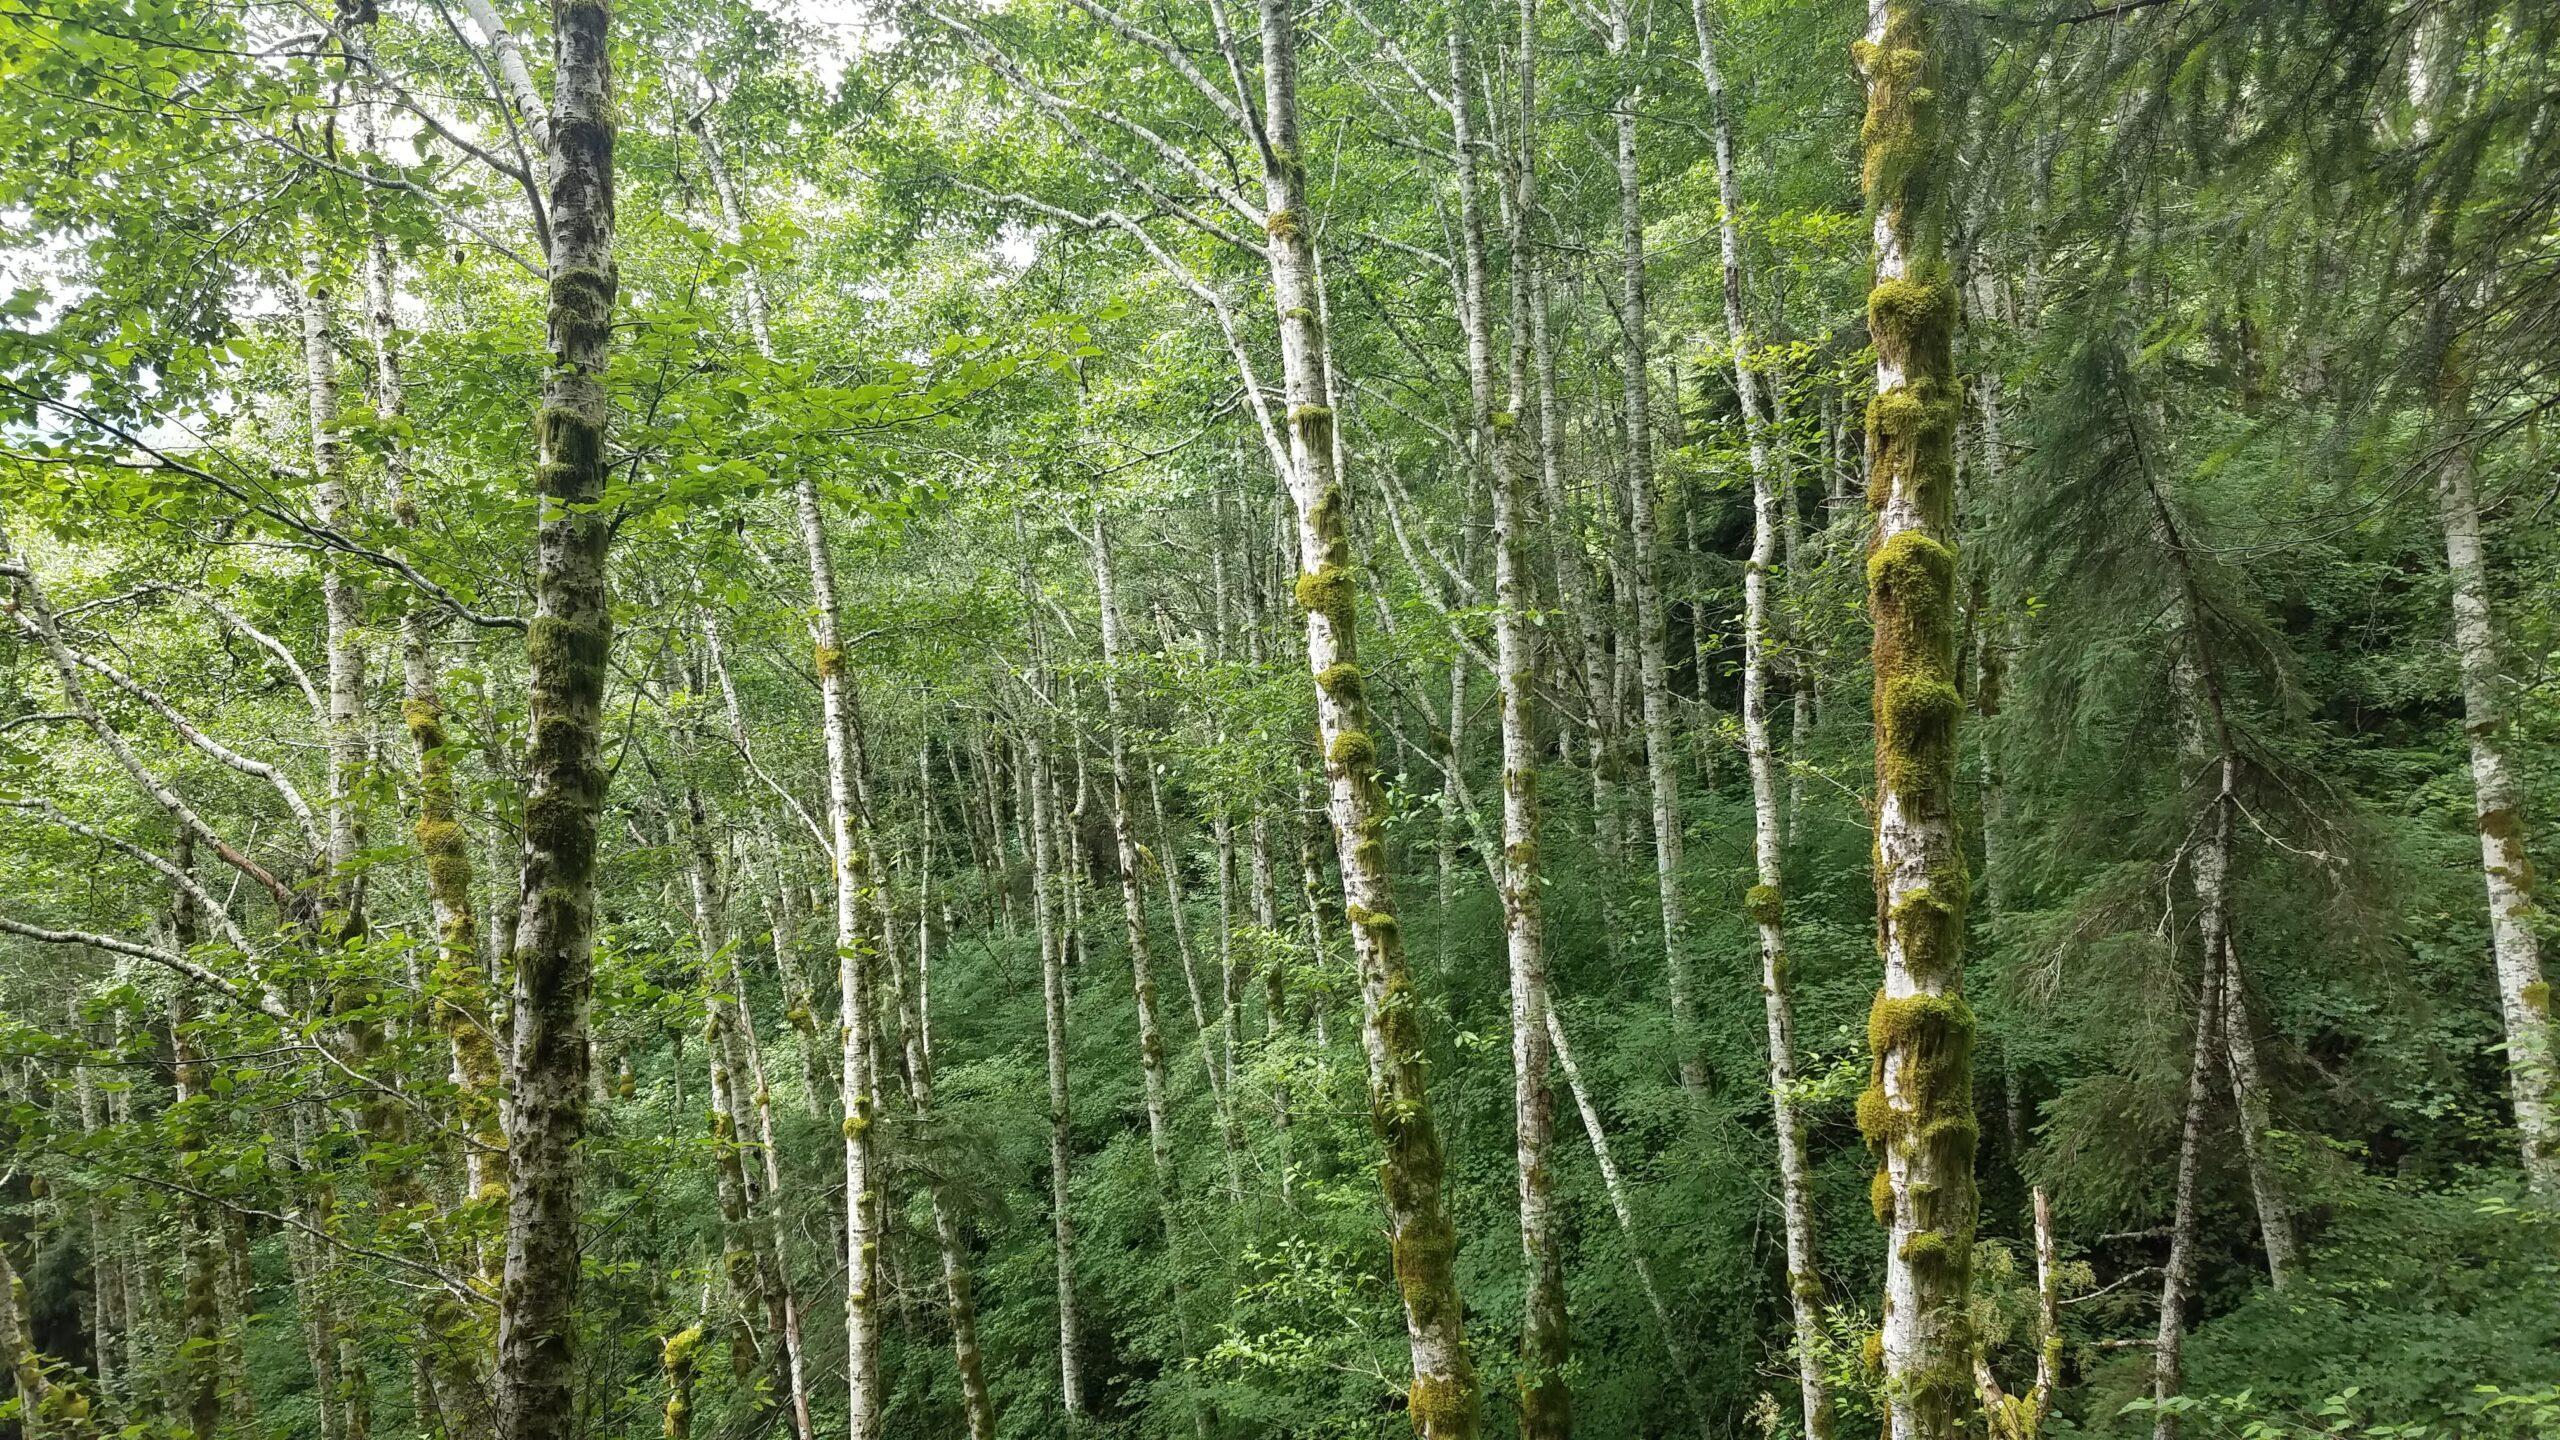 red alder trees